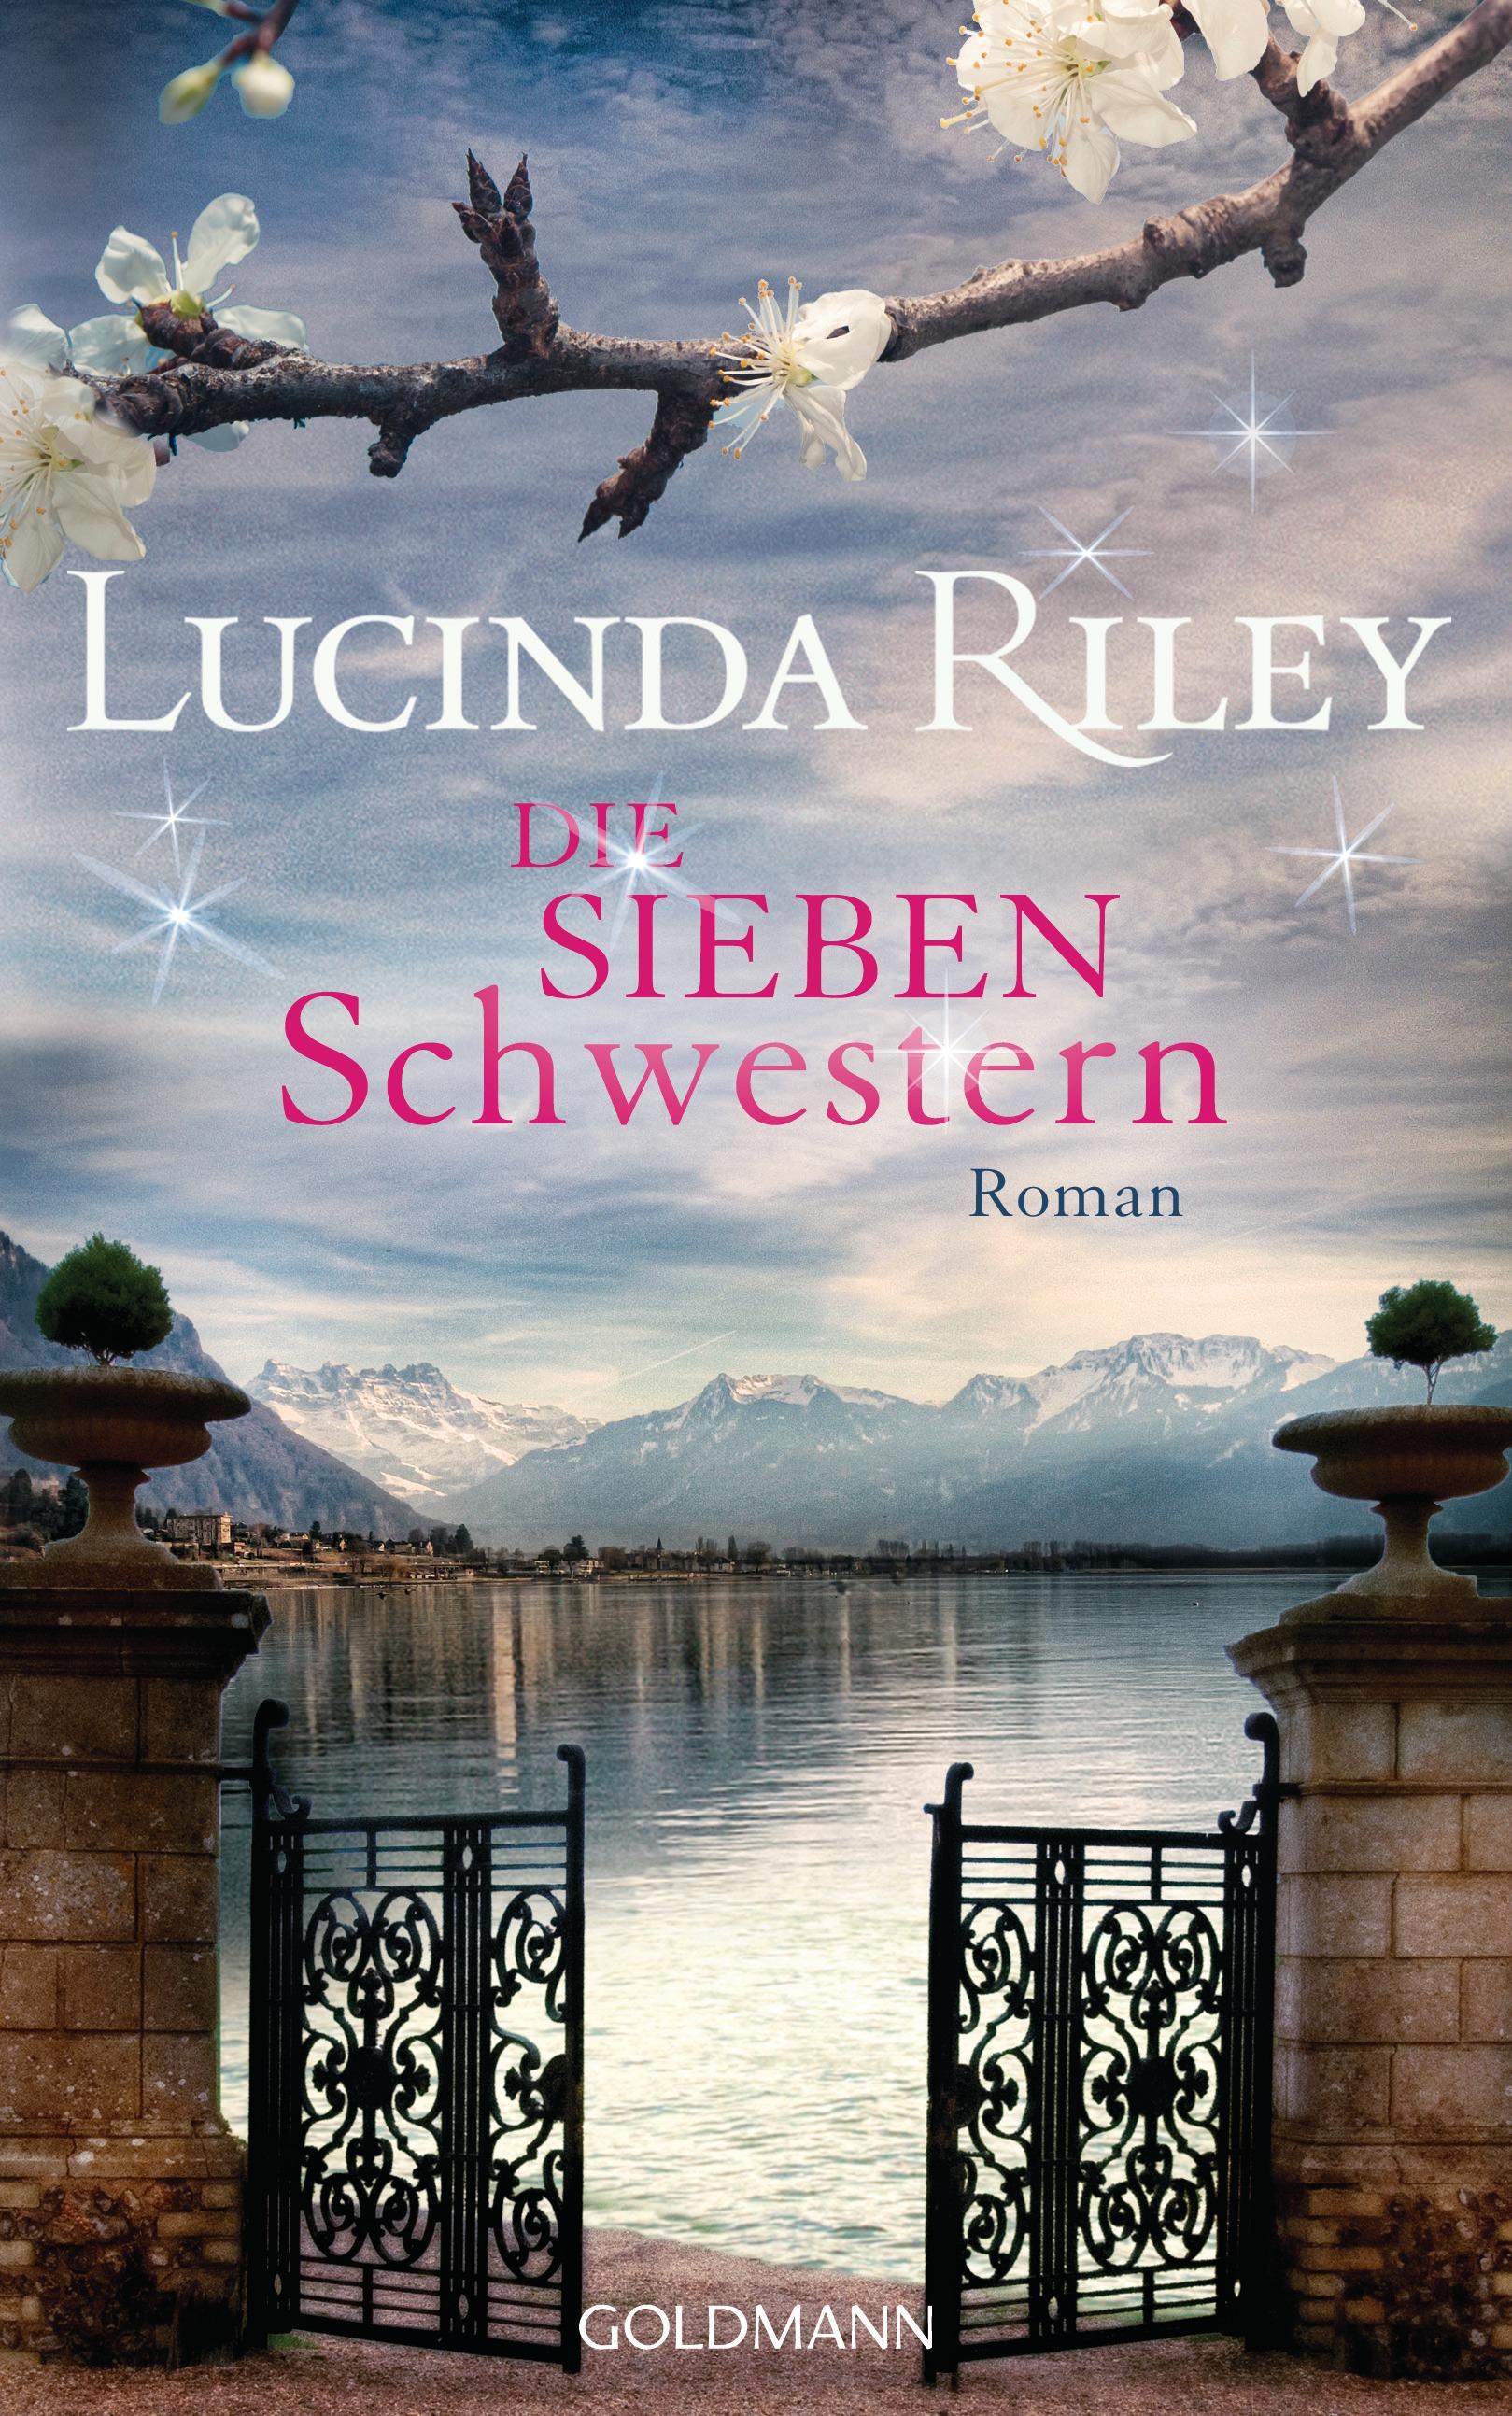 Die sieben Schwestern - Lucinda Riley